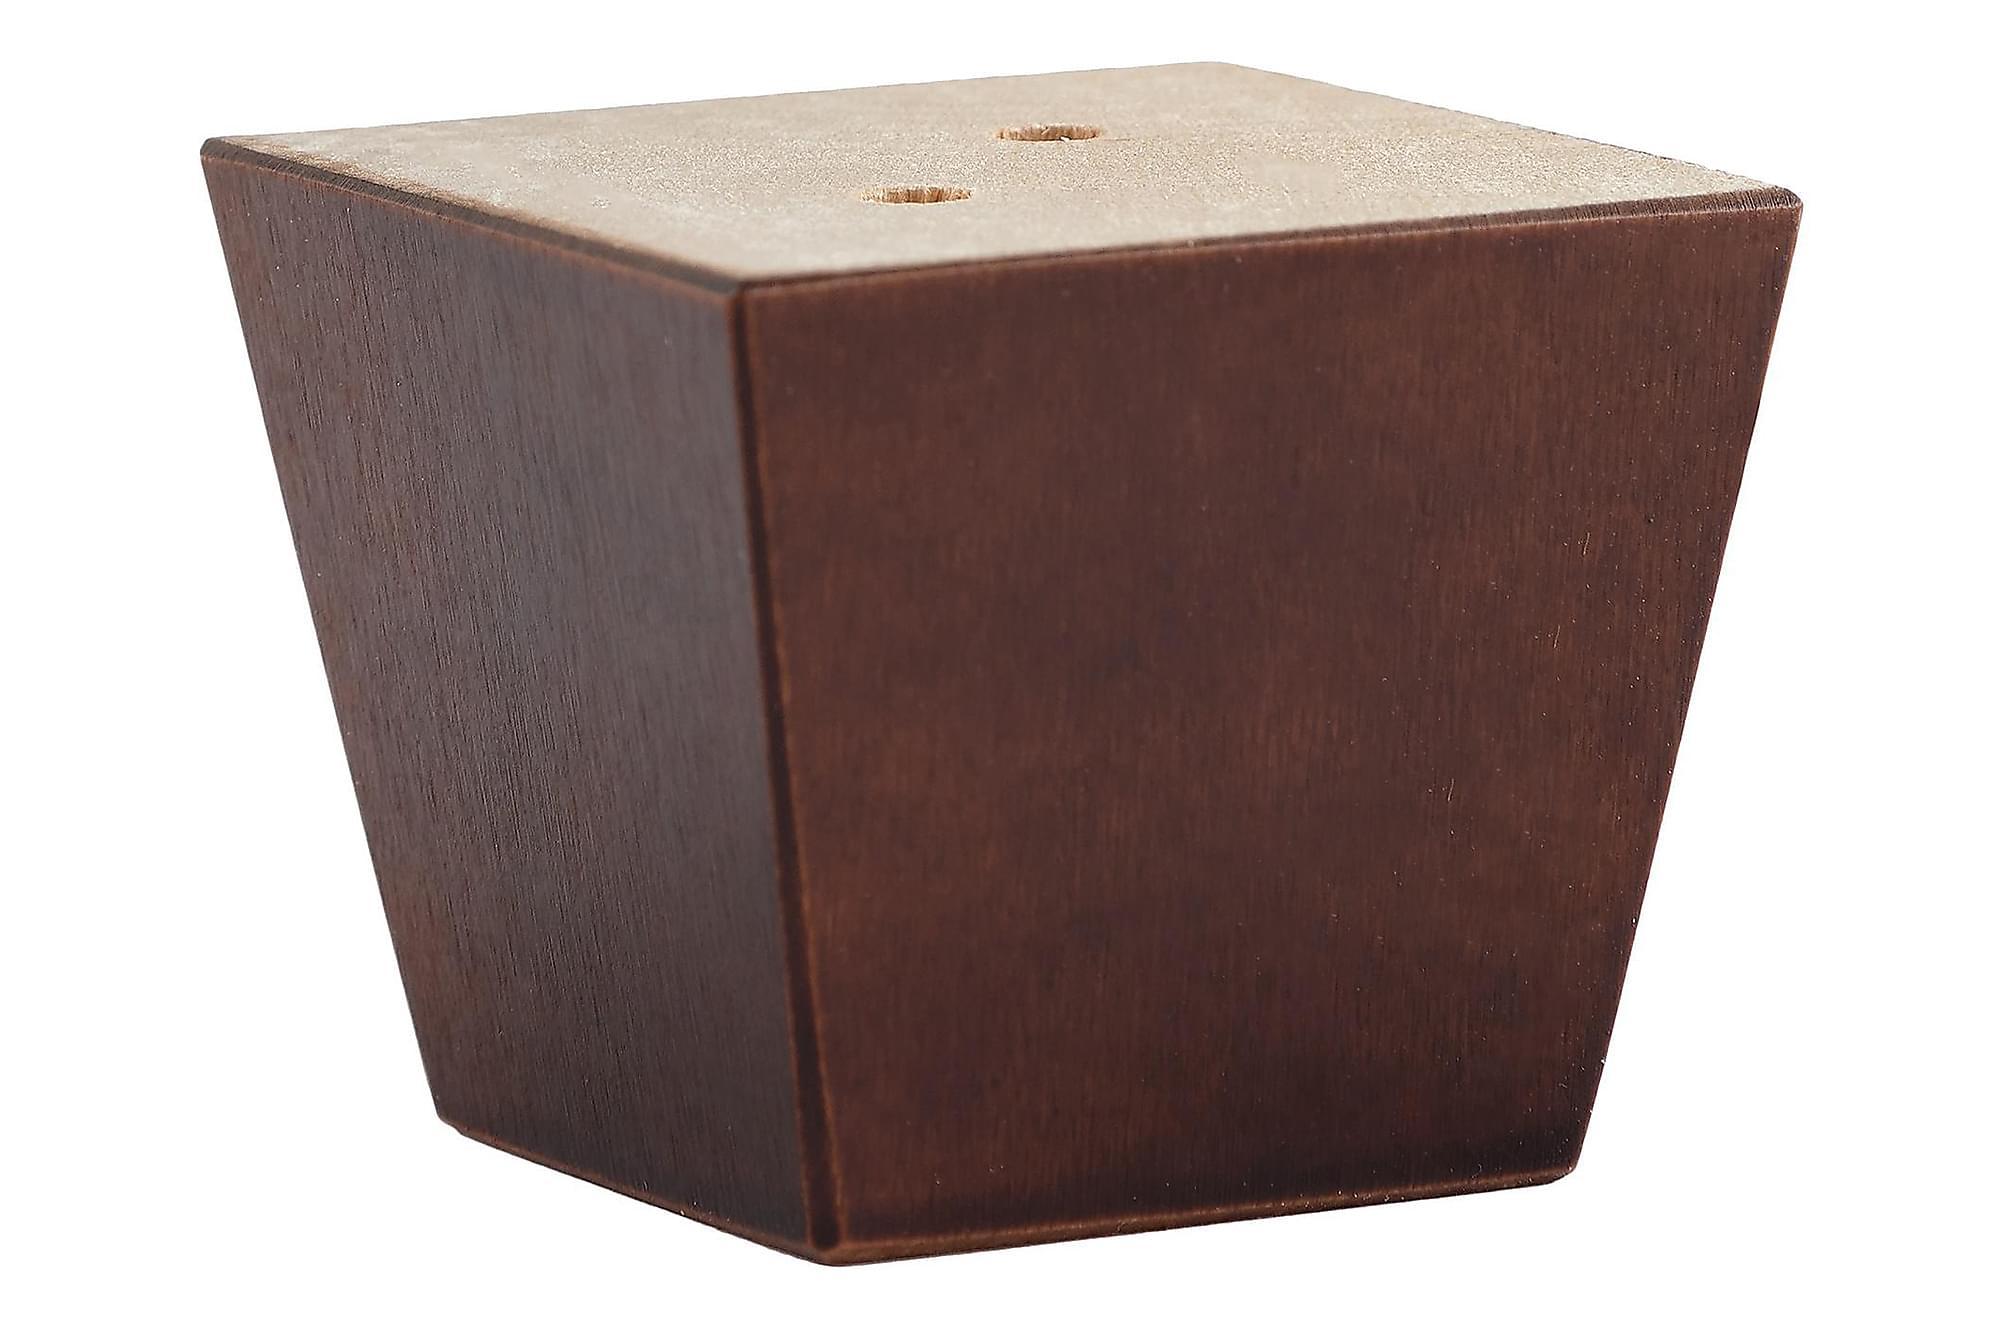 SOFFBEN Modell K 5 cm 6-Pack Brun